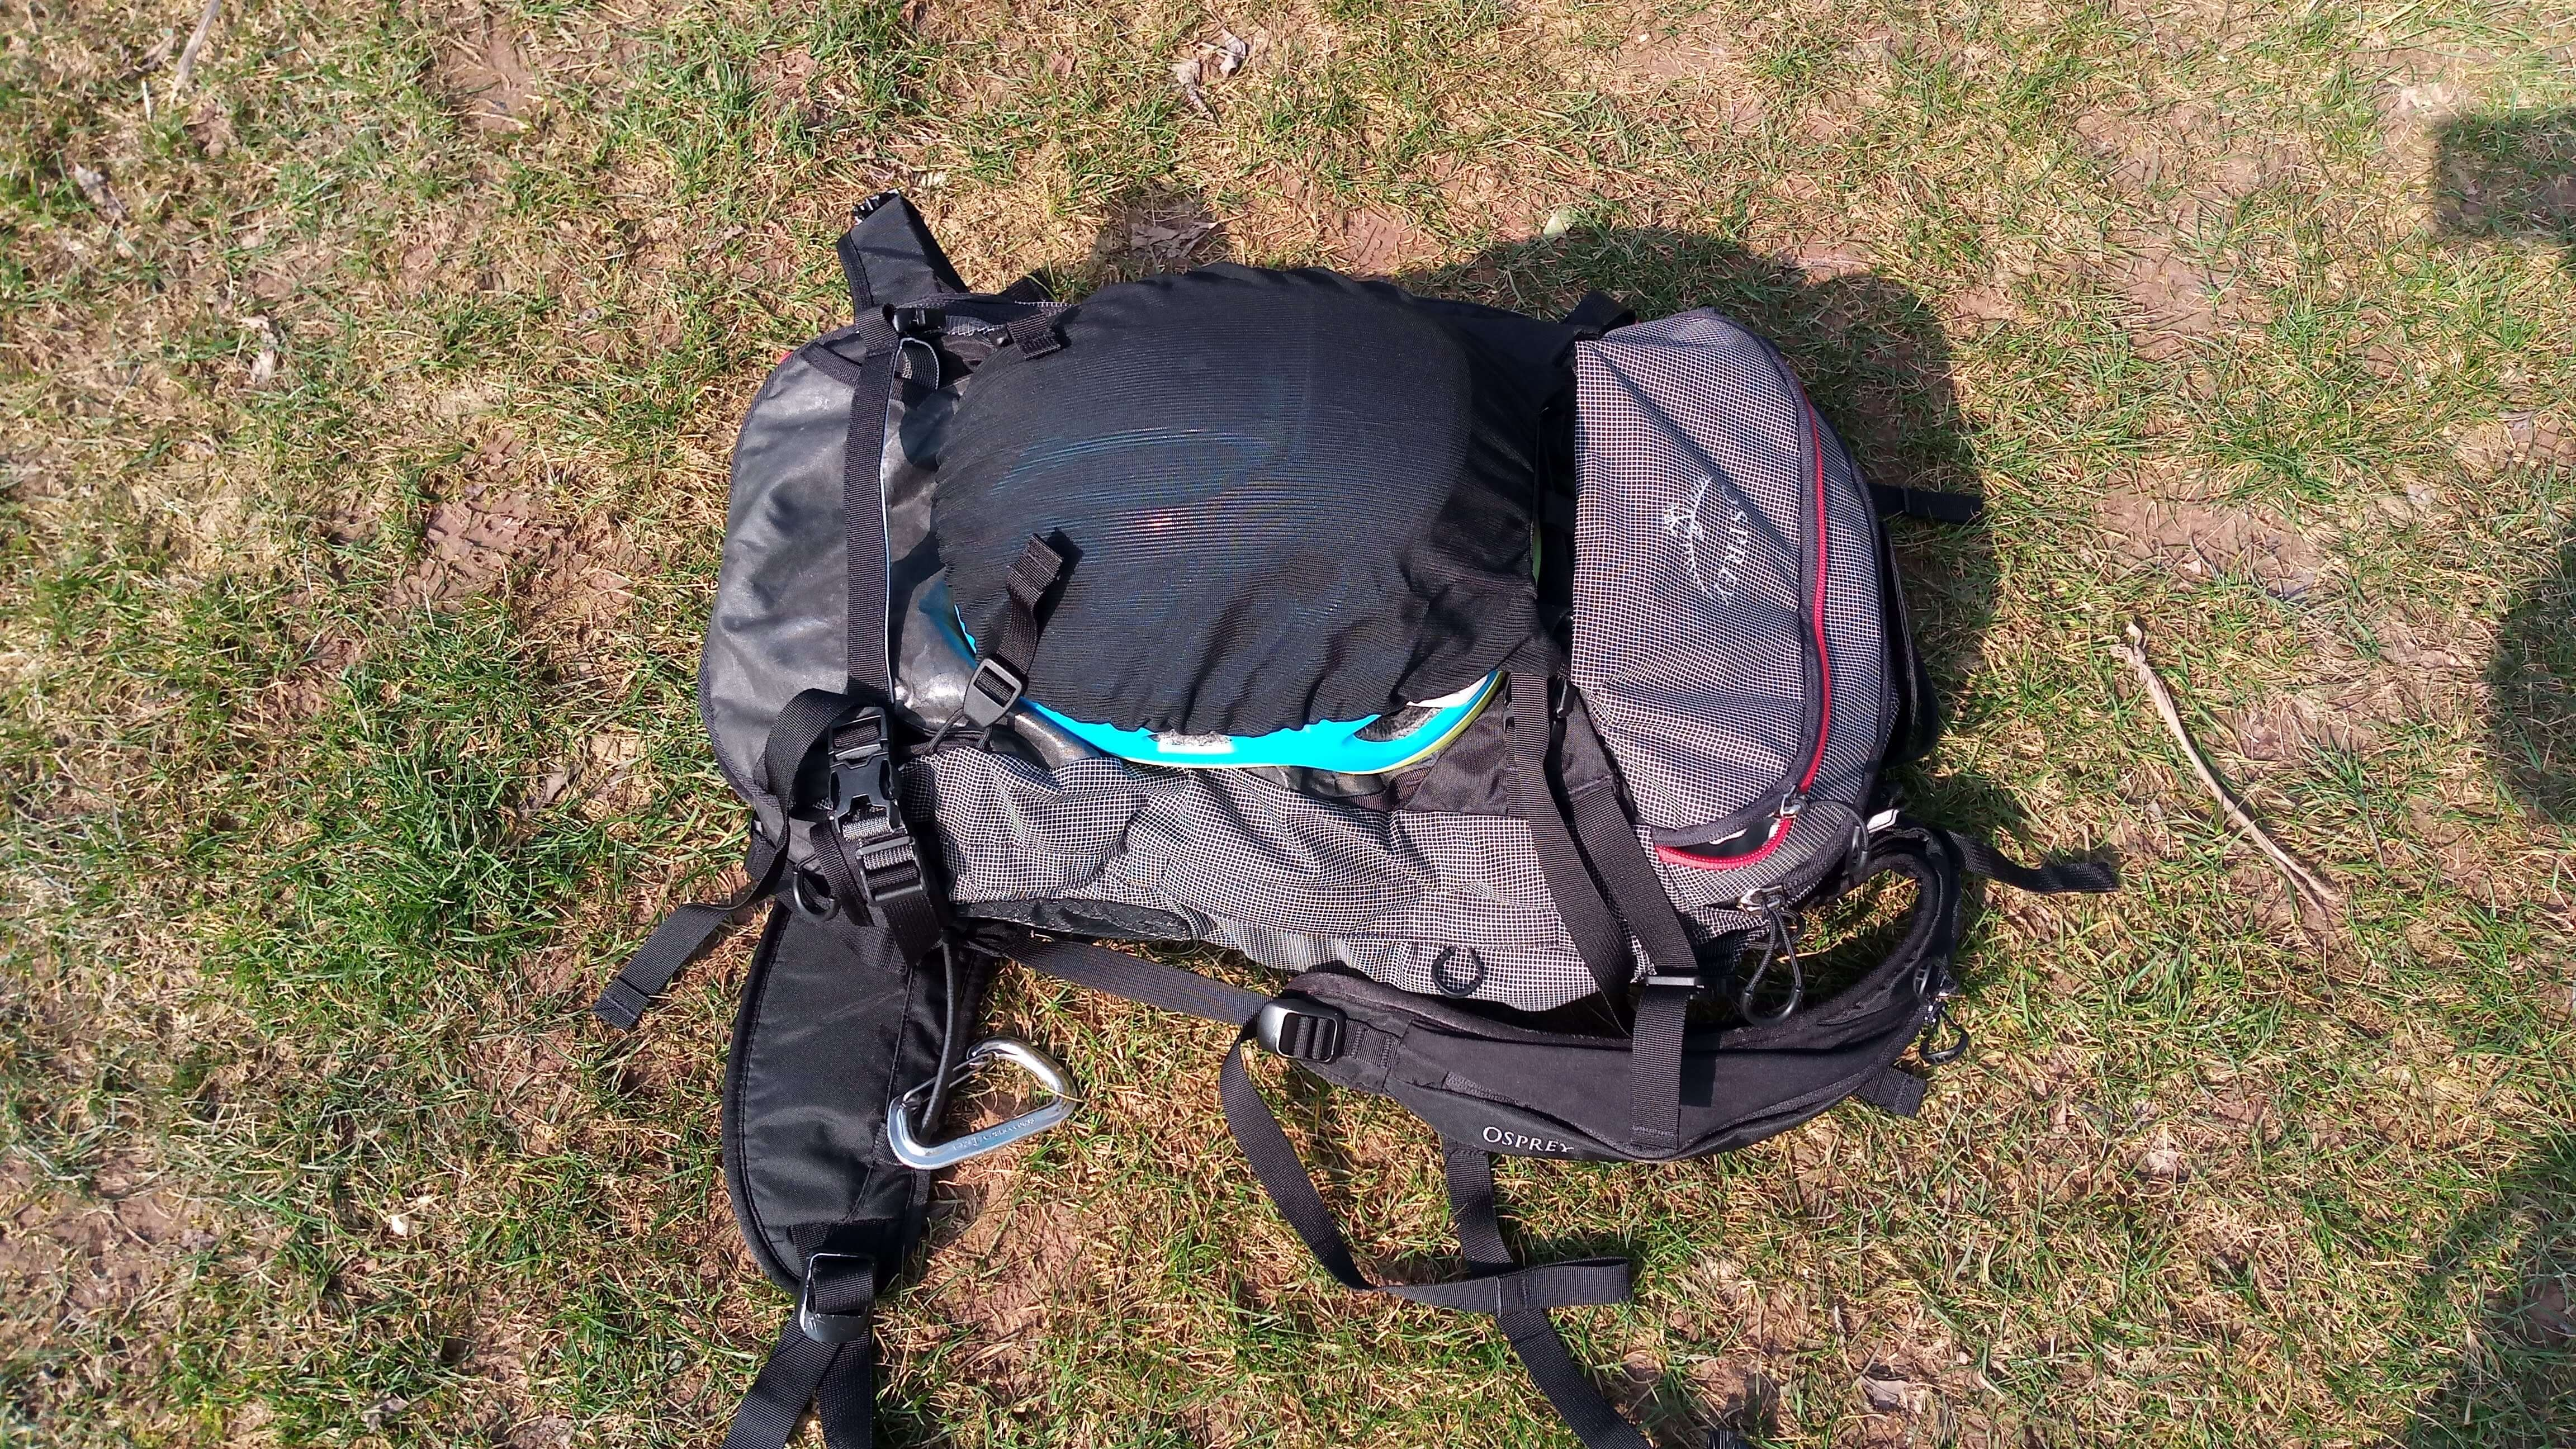 Jedno ze dvou uložení přilby do síťky na batohu Osprey Soelden PRO 32